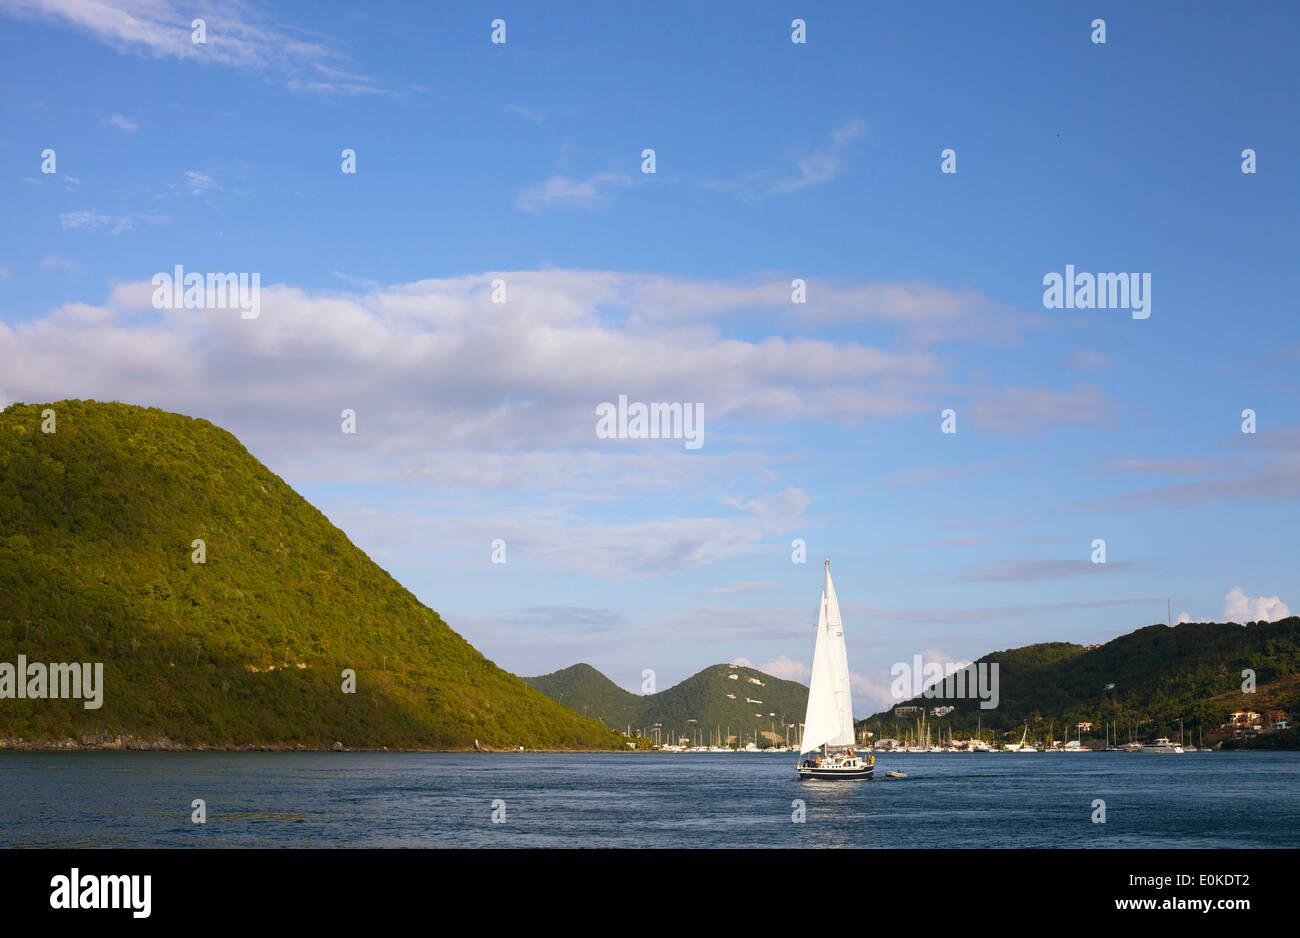 Ein Segelboot Kreuzfahrten auf das ruhige blaue Meer in den British Virgin Islands. Stockbild